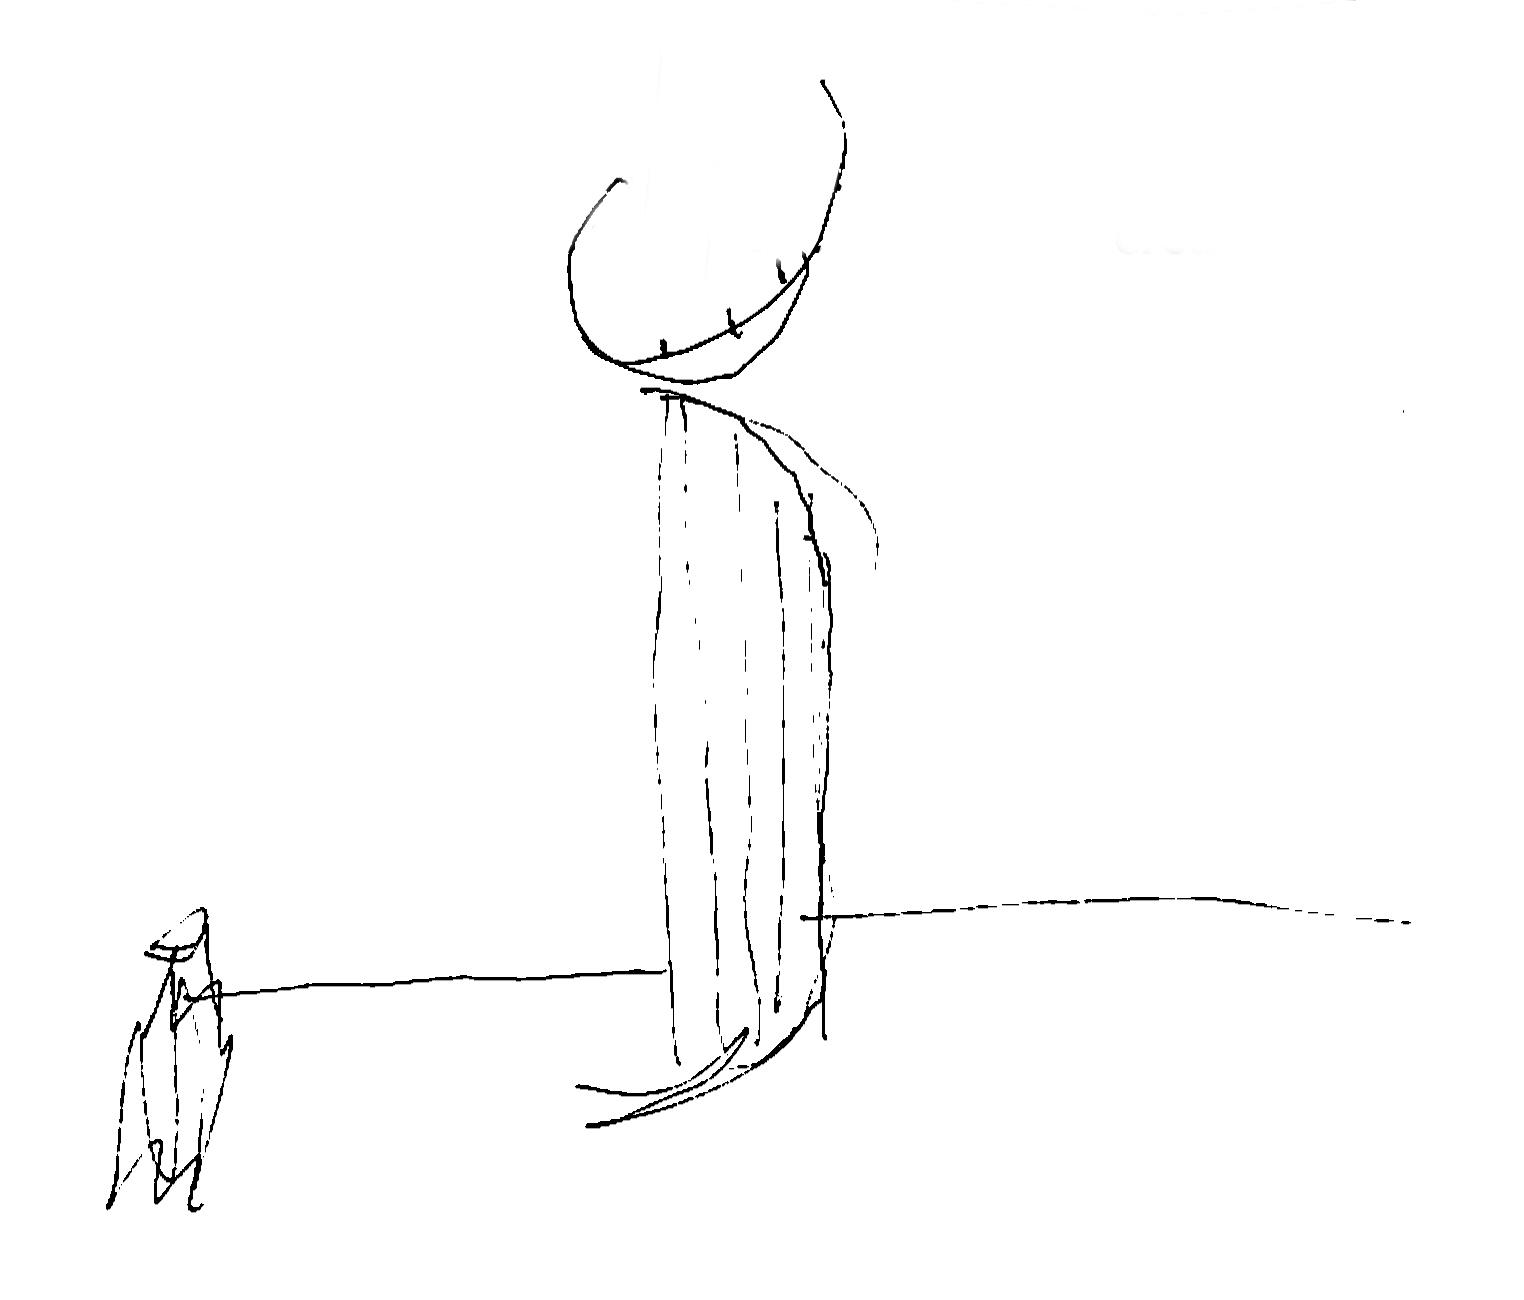 Concept sketch: Gestalt of curves